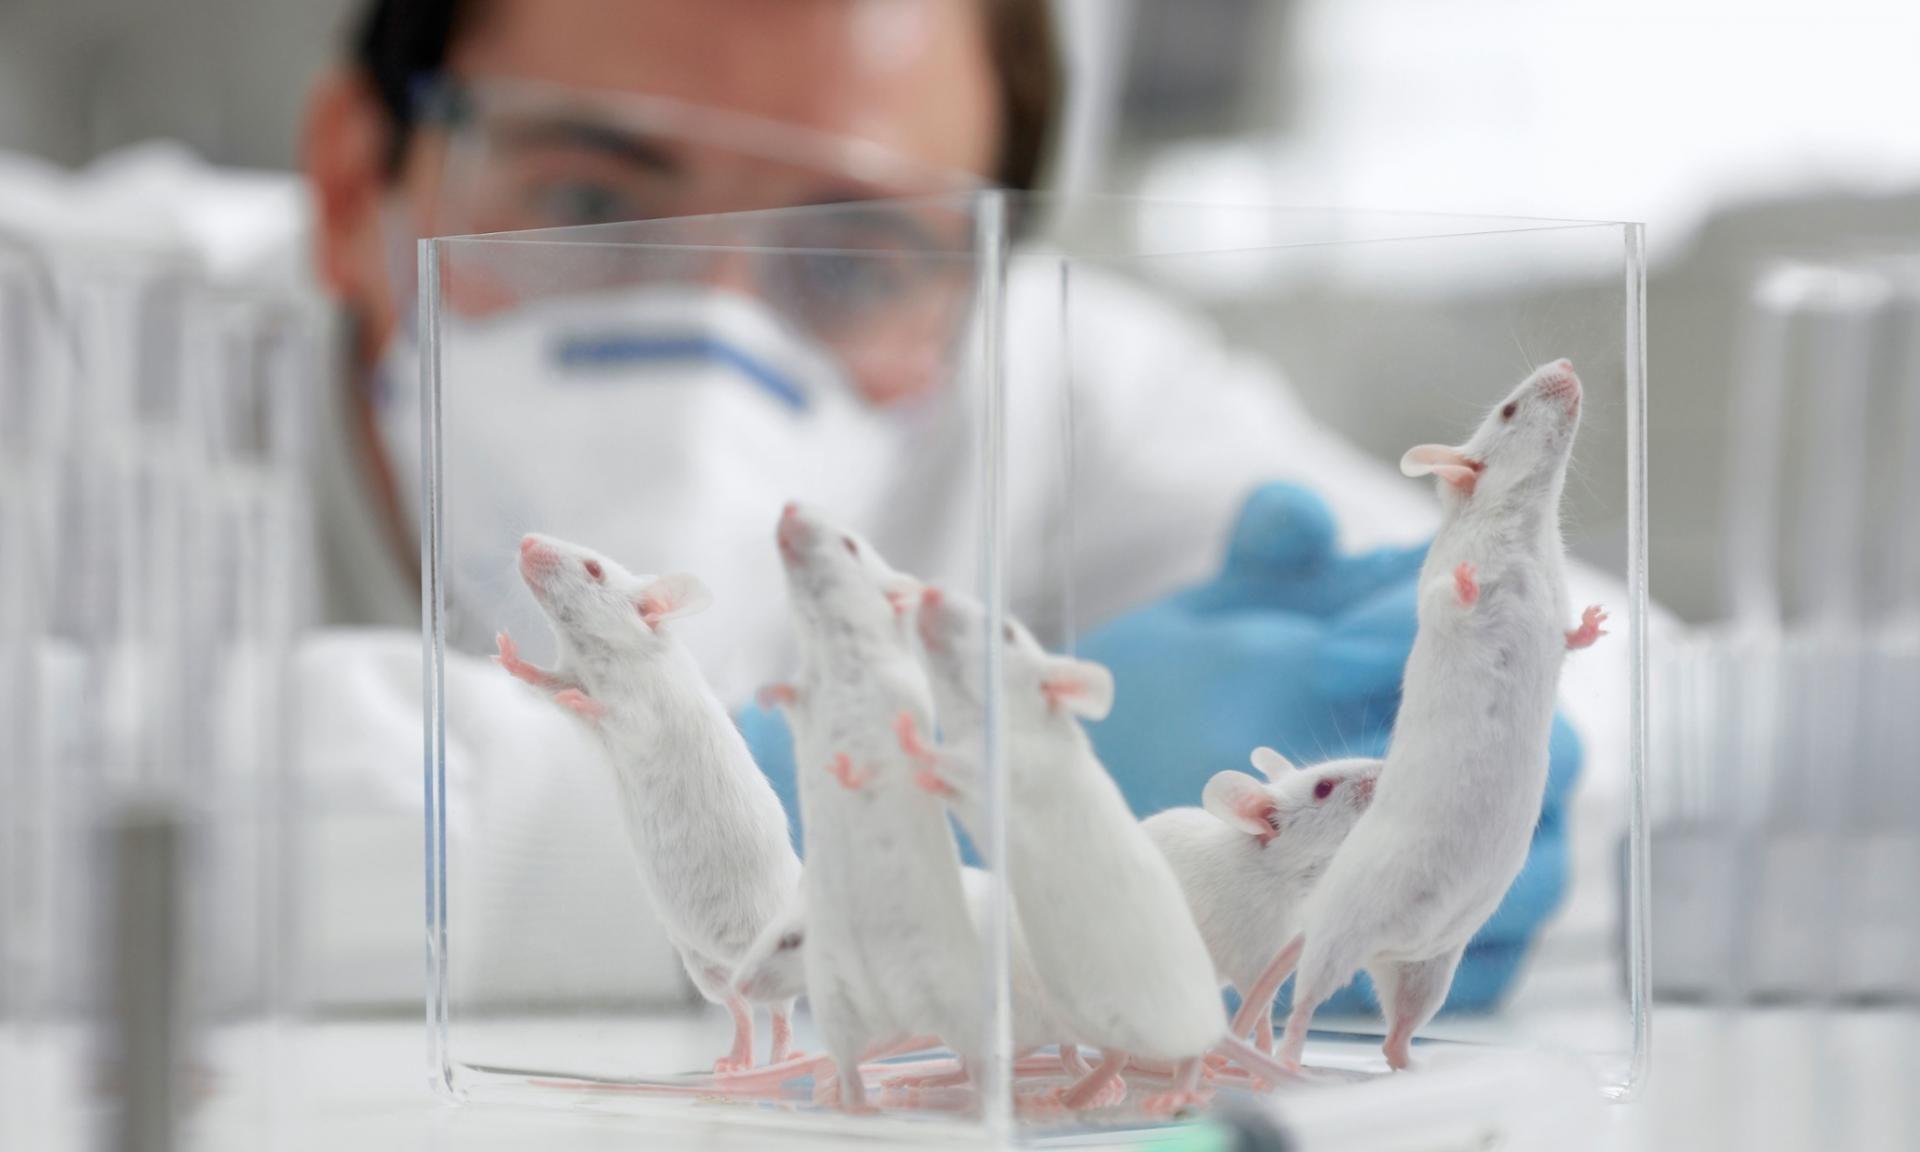 Ученые из Израиля сумели продлить жизнь мышей на 39%